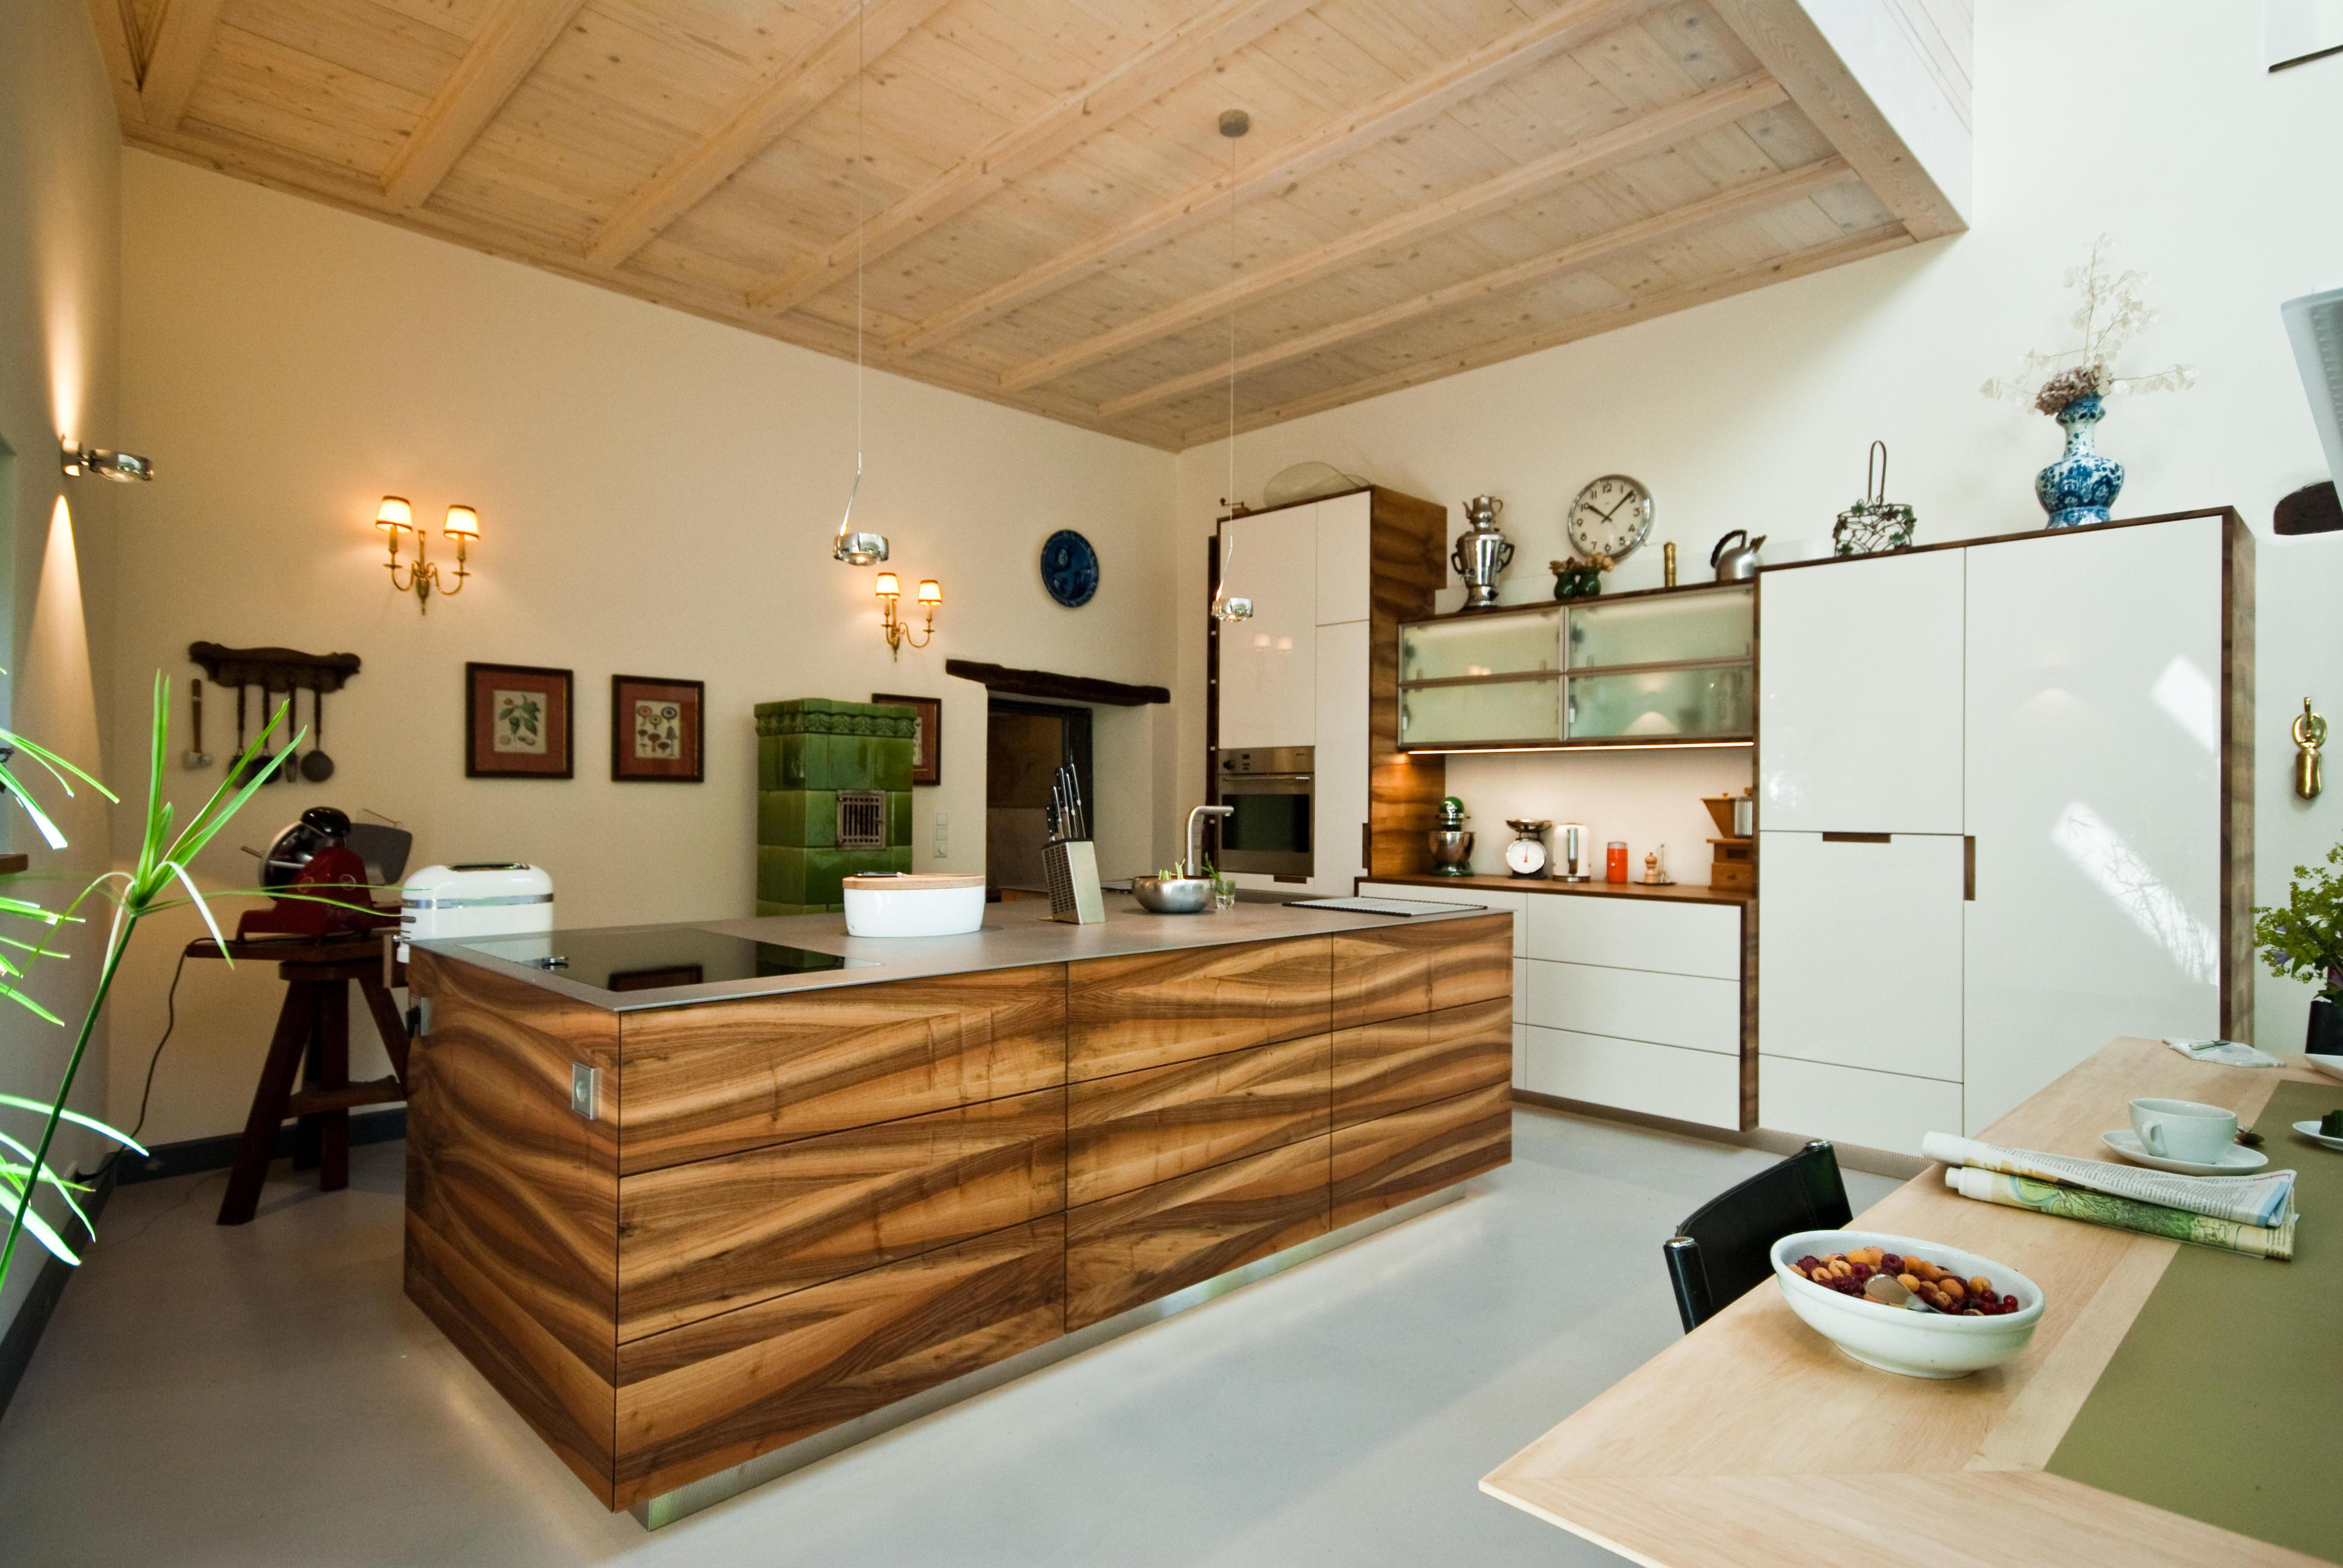 benz k che bad m bel ffnungszeiten benz k che bad m bel hammersteiner stra e. Black Bedroom Furniture Sets. Home Design Ideas